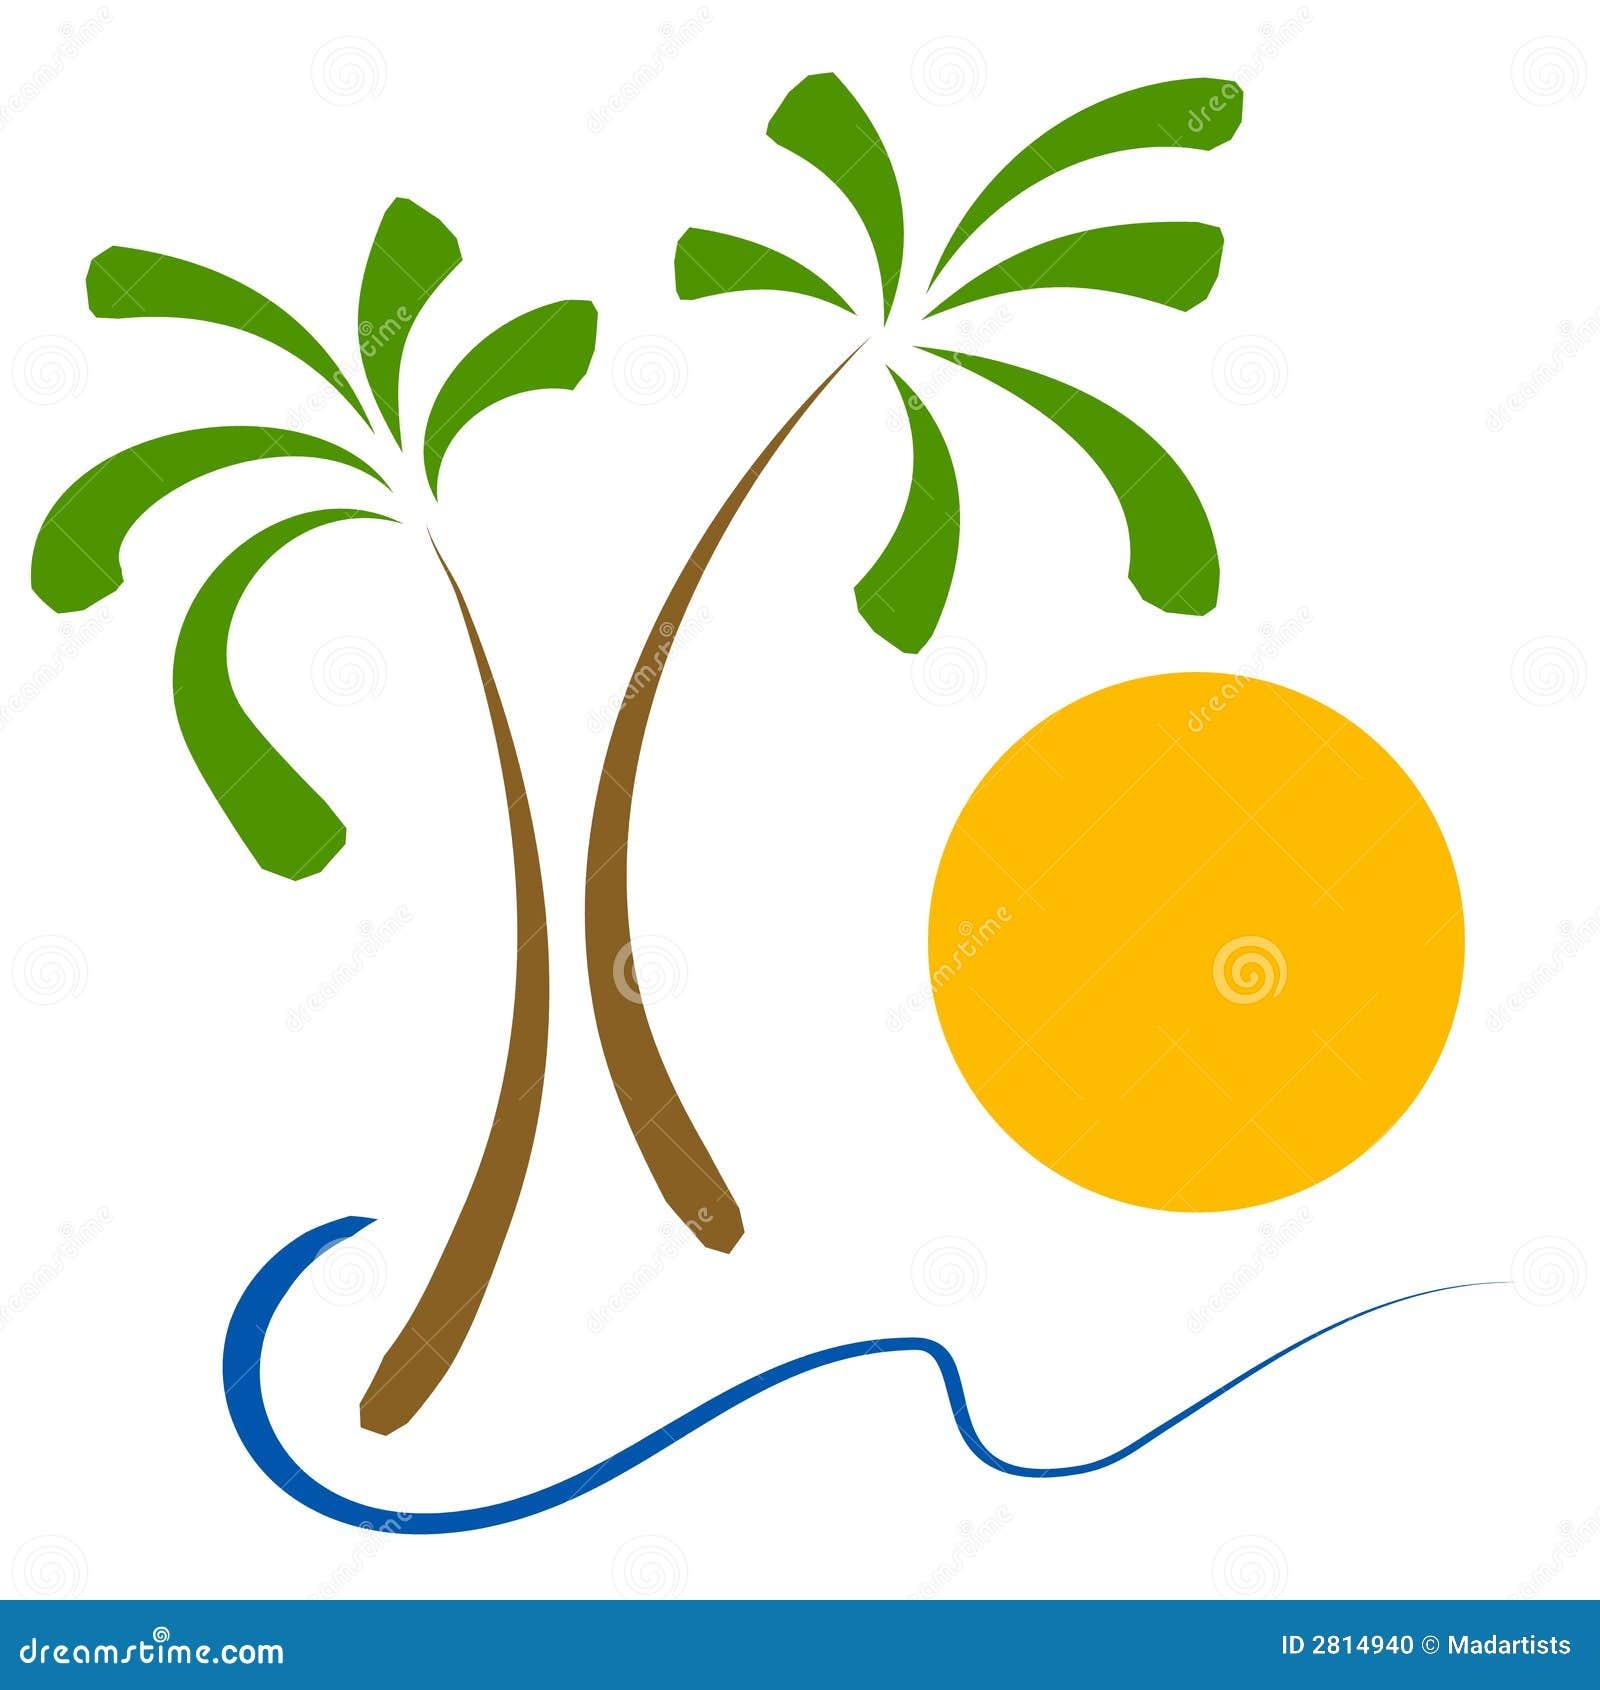 Clipart images graphiques de sun de plage de palmiers photo stock image 2814940 - Palmier clipart ...